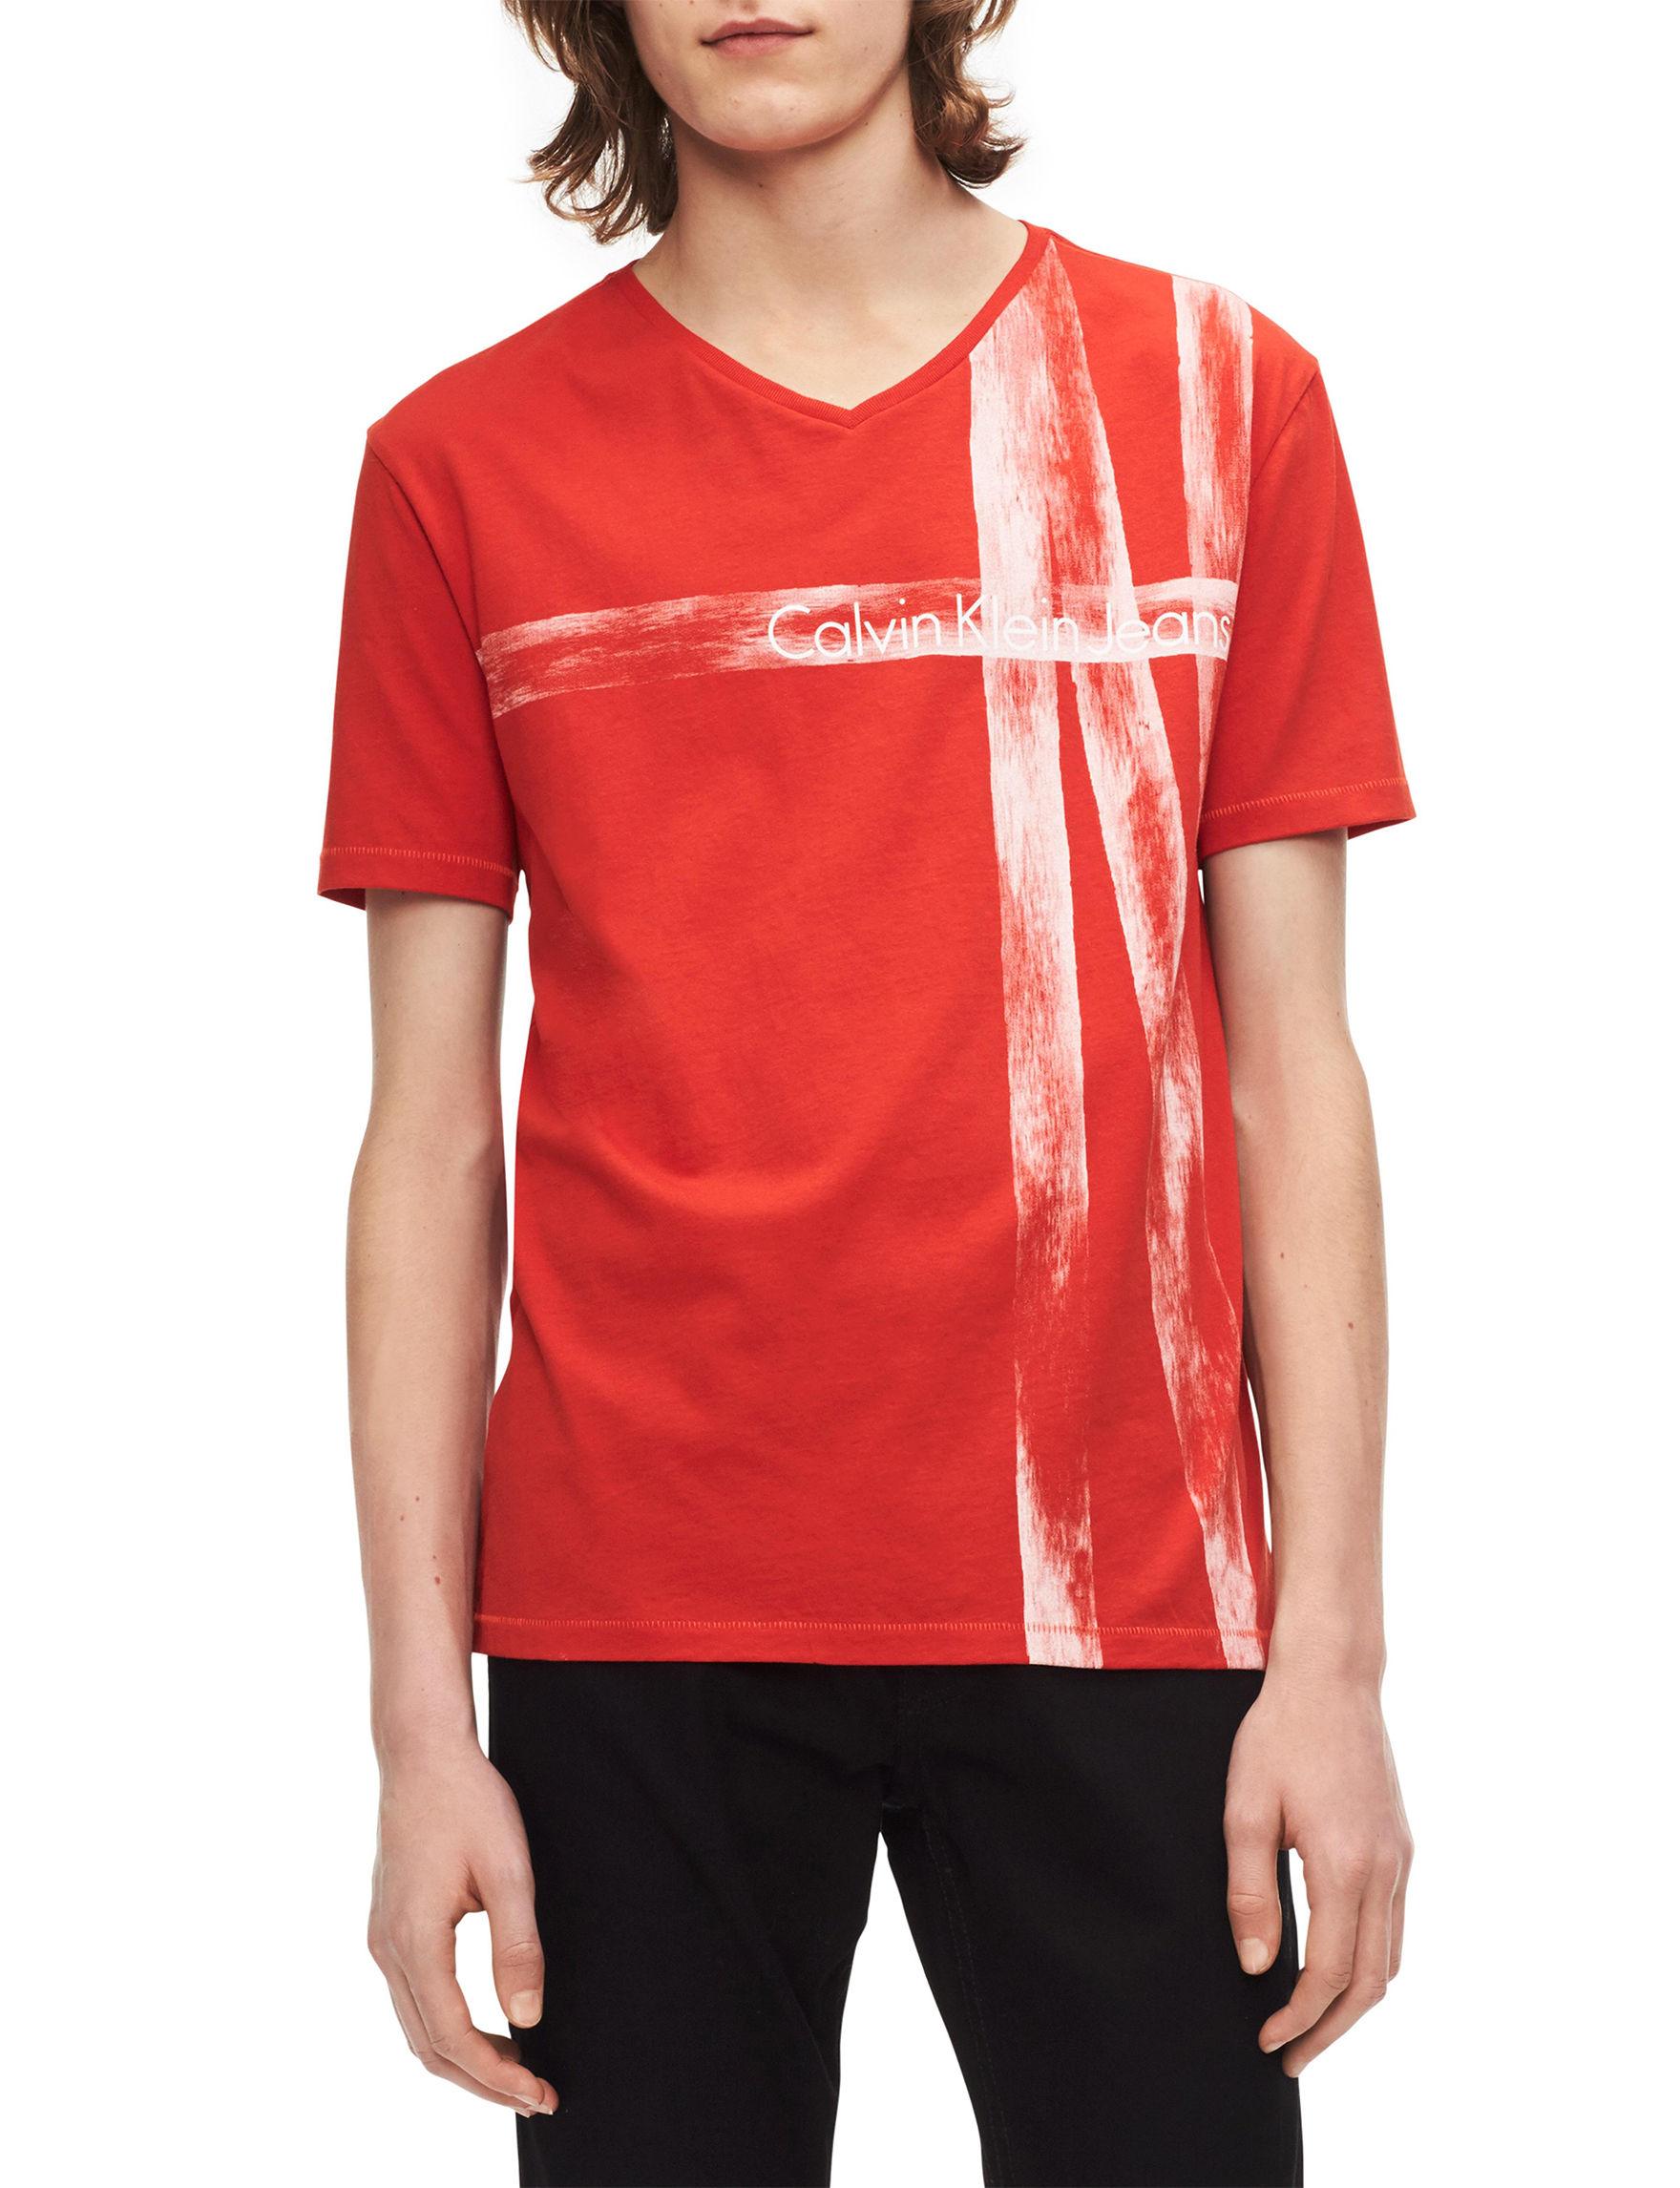 Calvin Klein Red Orange Tees & Tanks